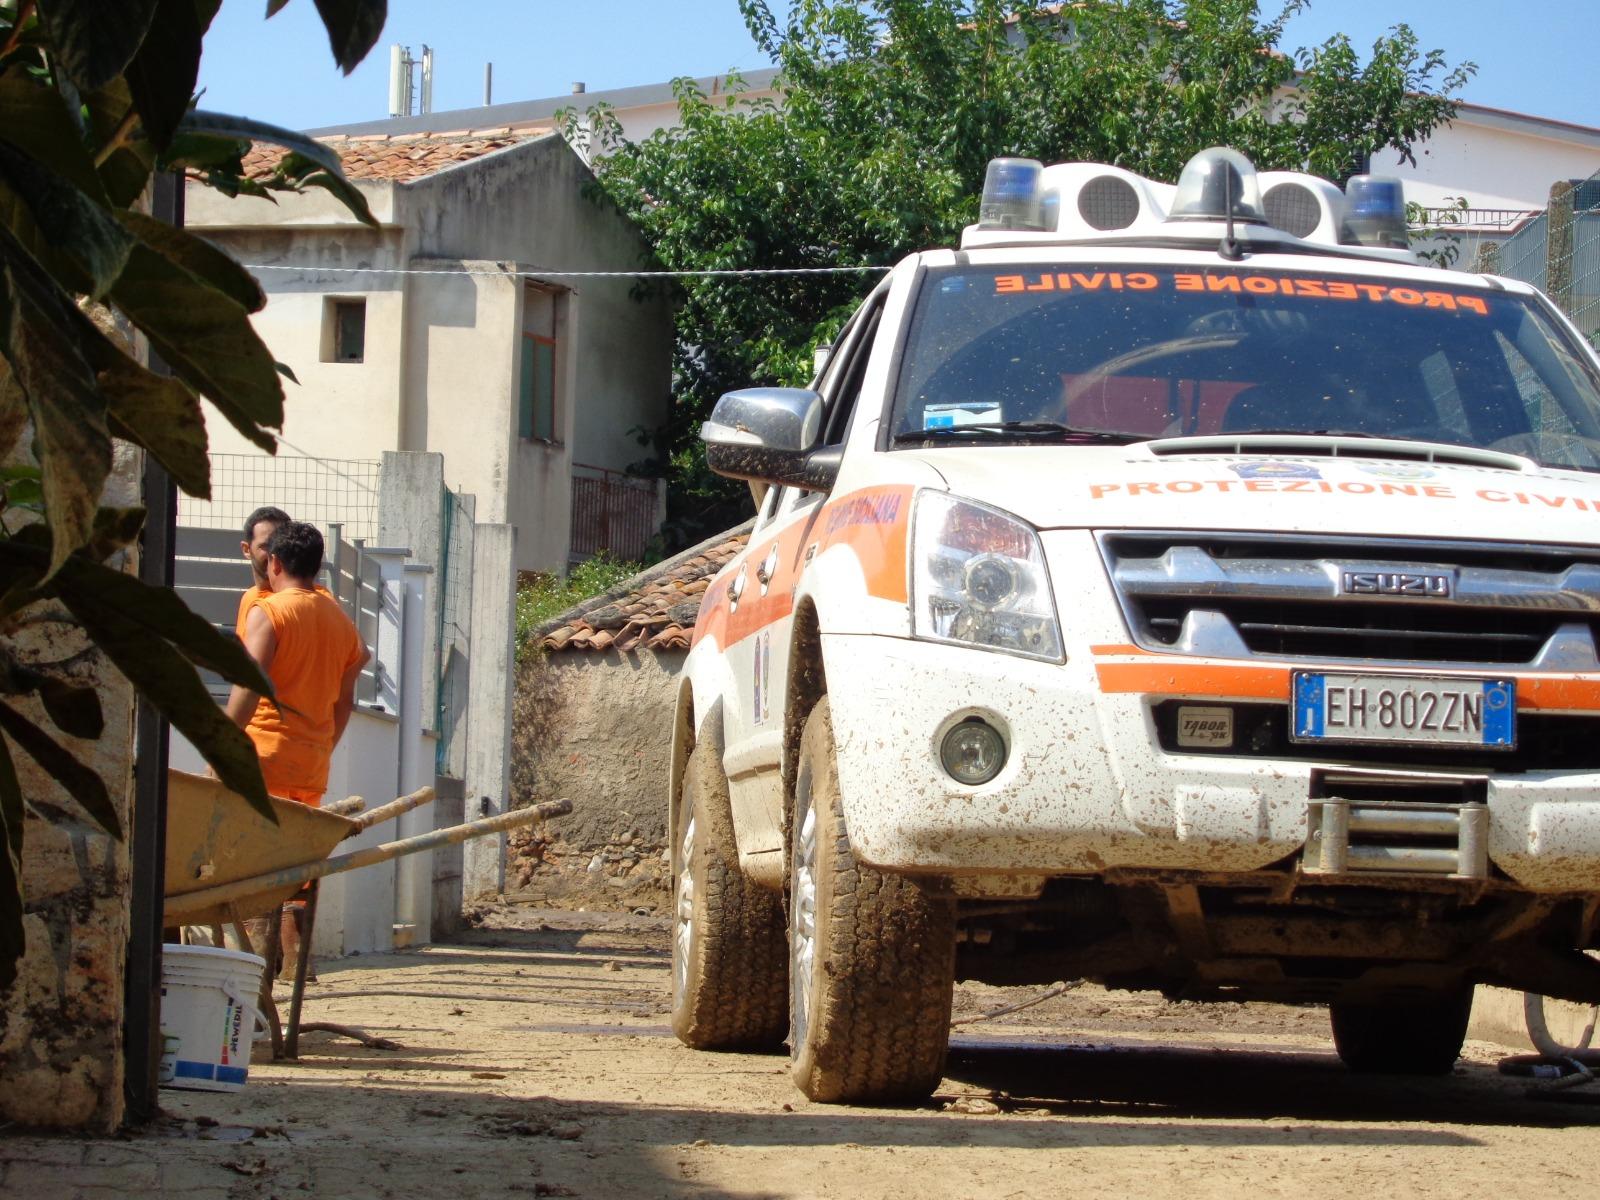 Emergenza Covid-19 in Sicilia, stanziati 3.5milioni per efficientare mezzi e strutture della protezione civile